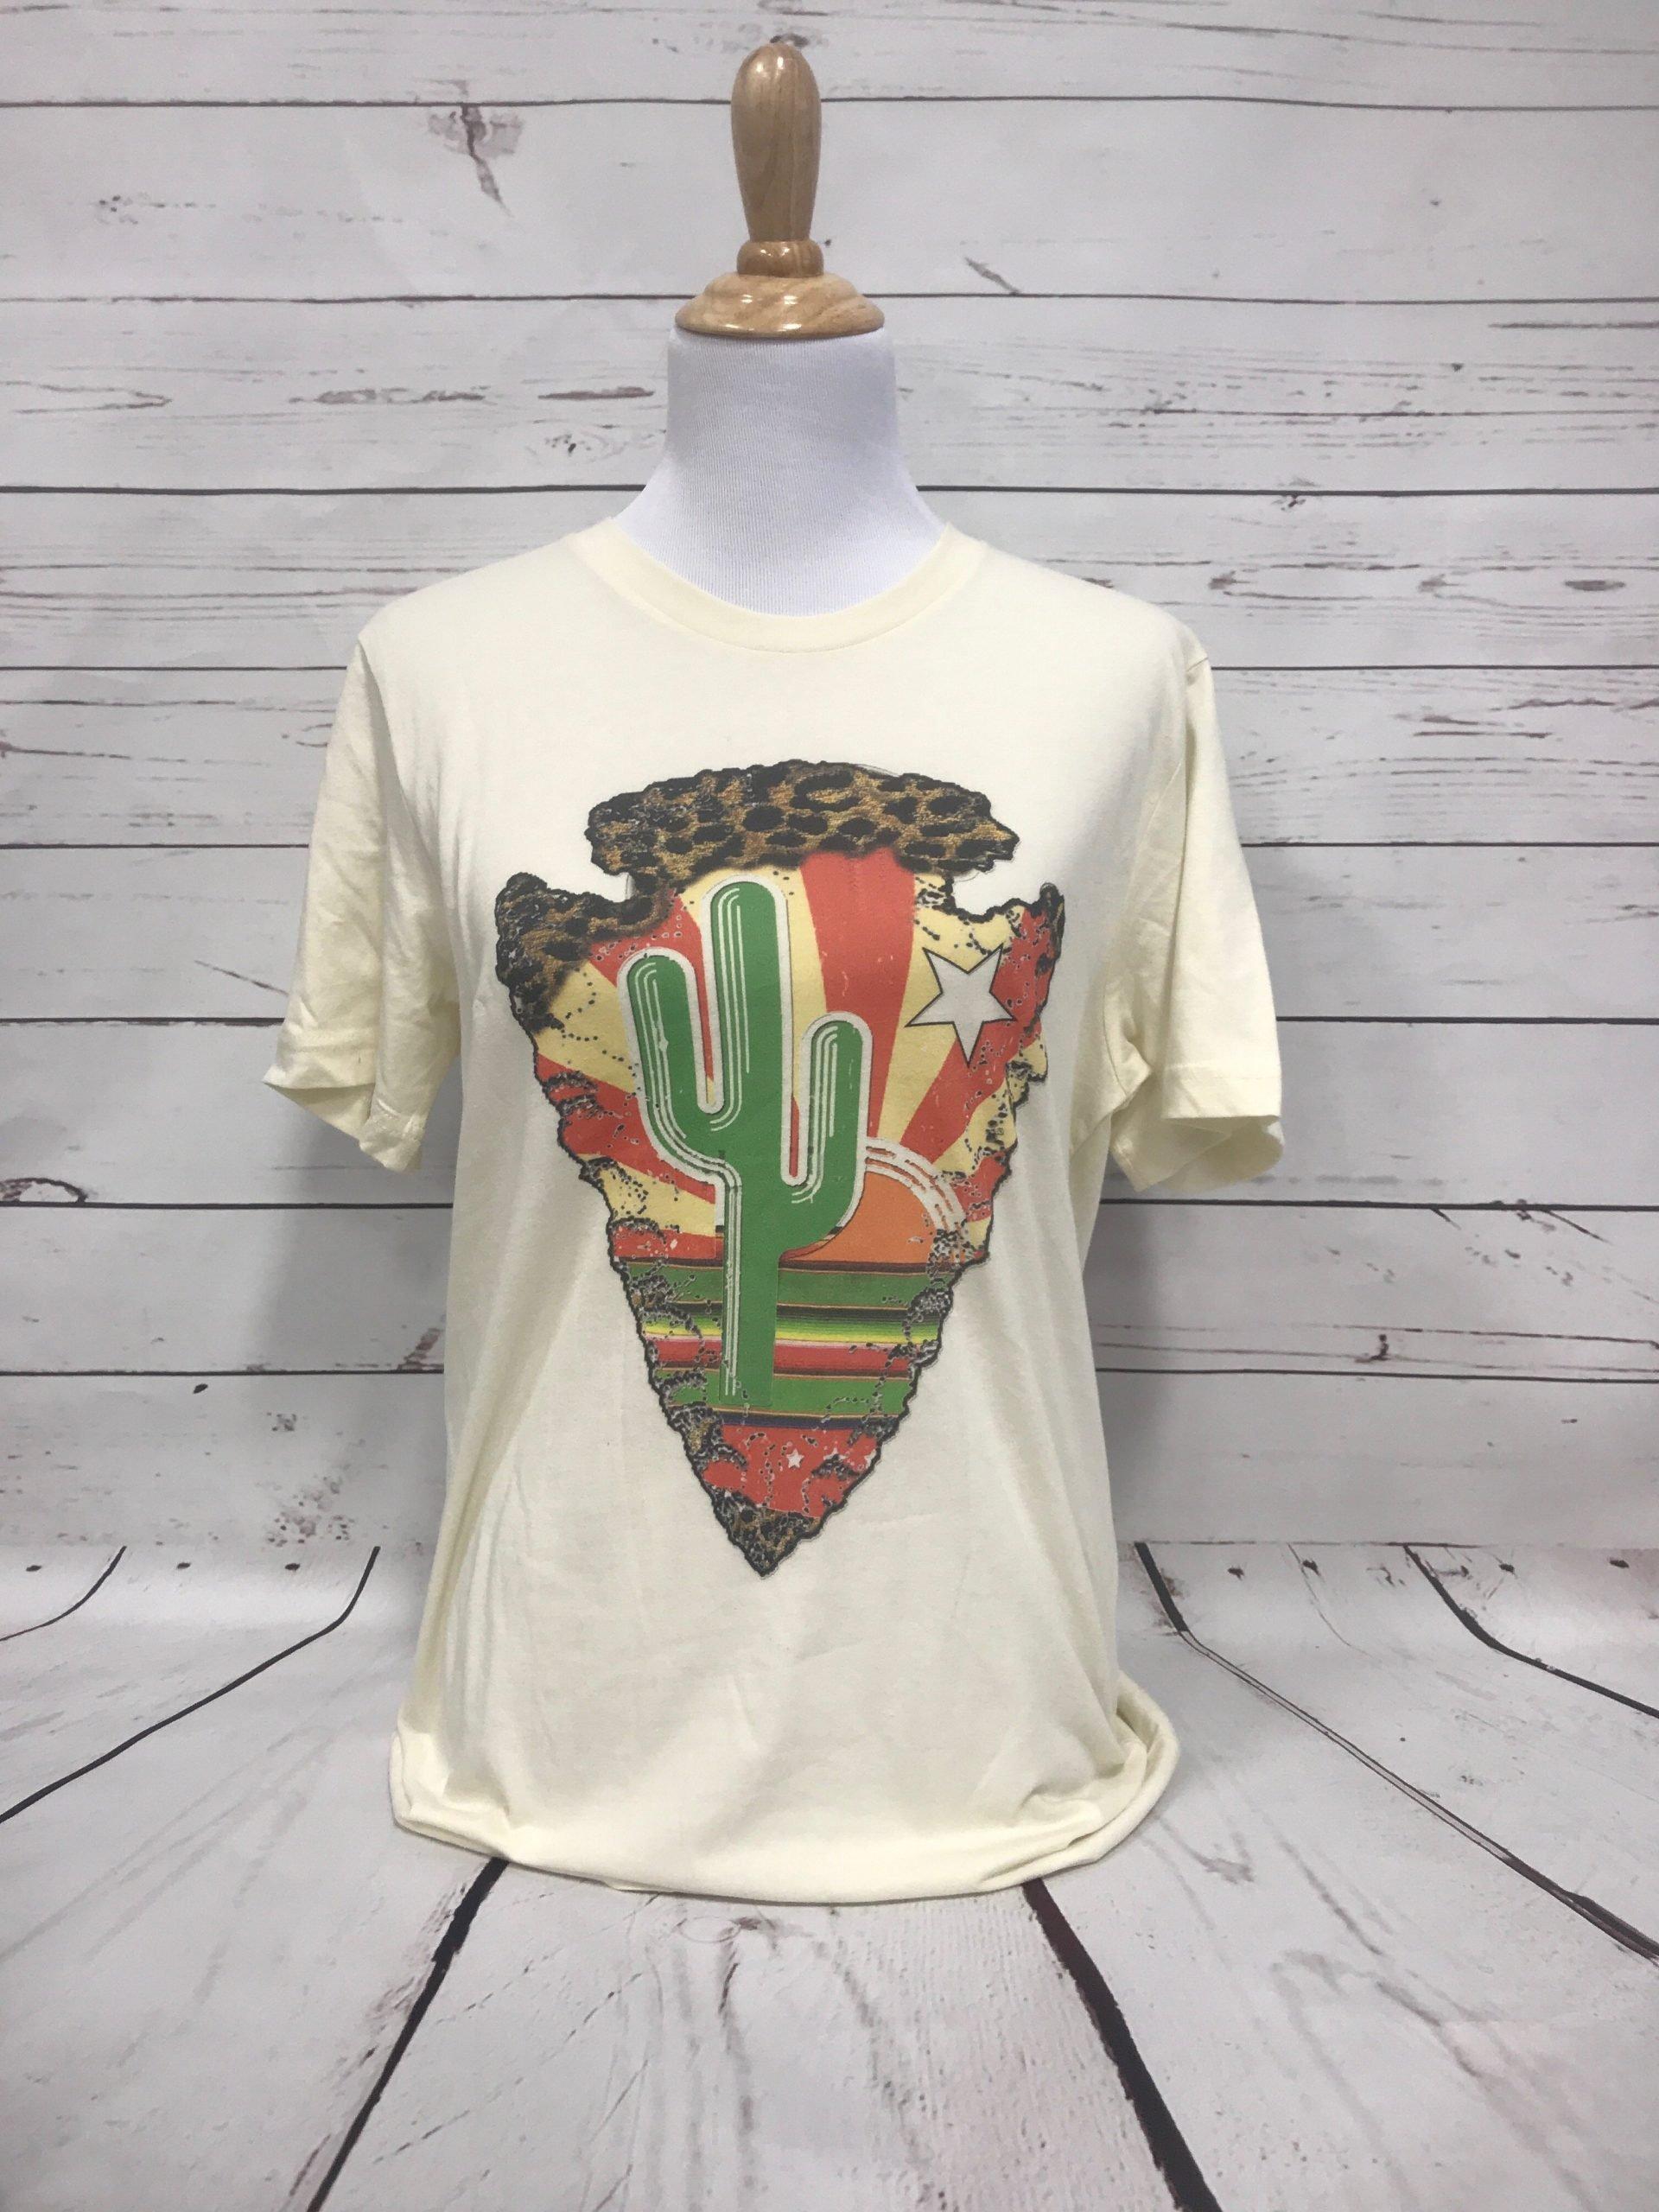 Cactus Arrowhead on Cream Tee